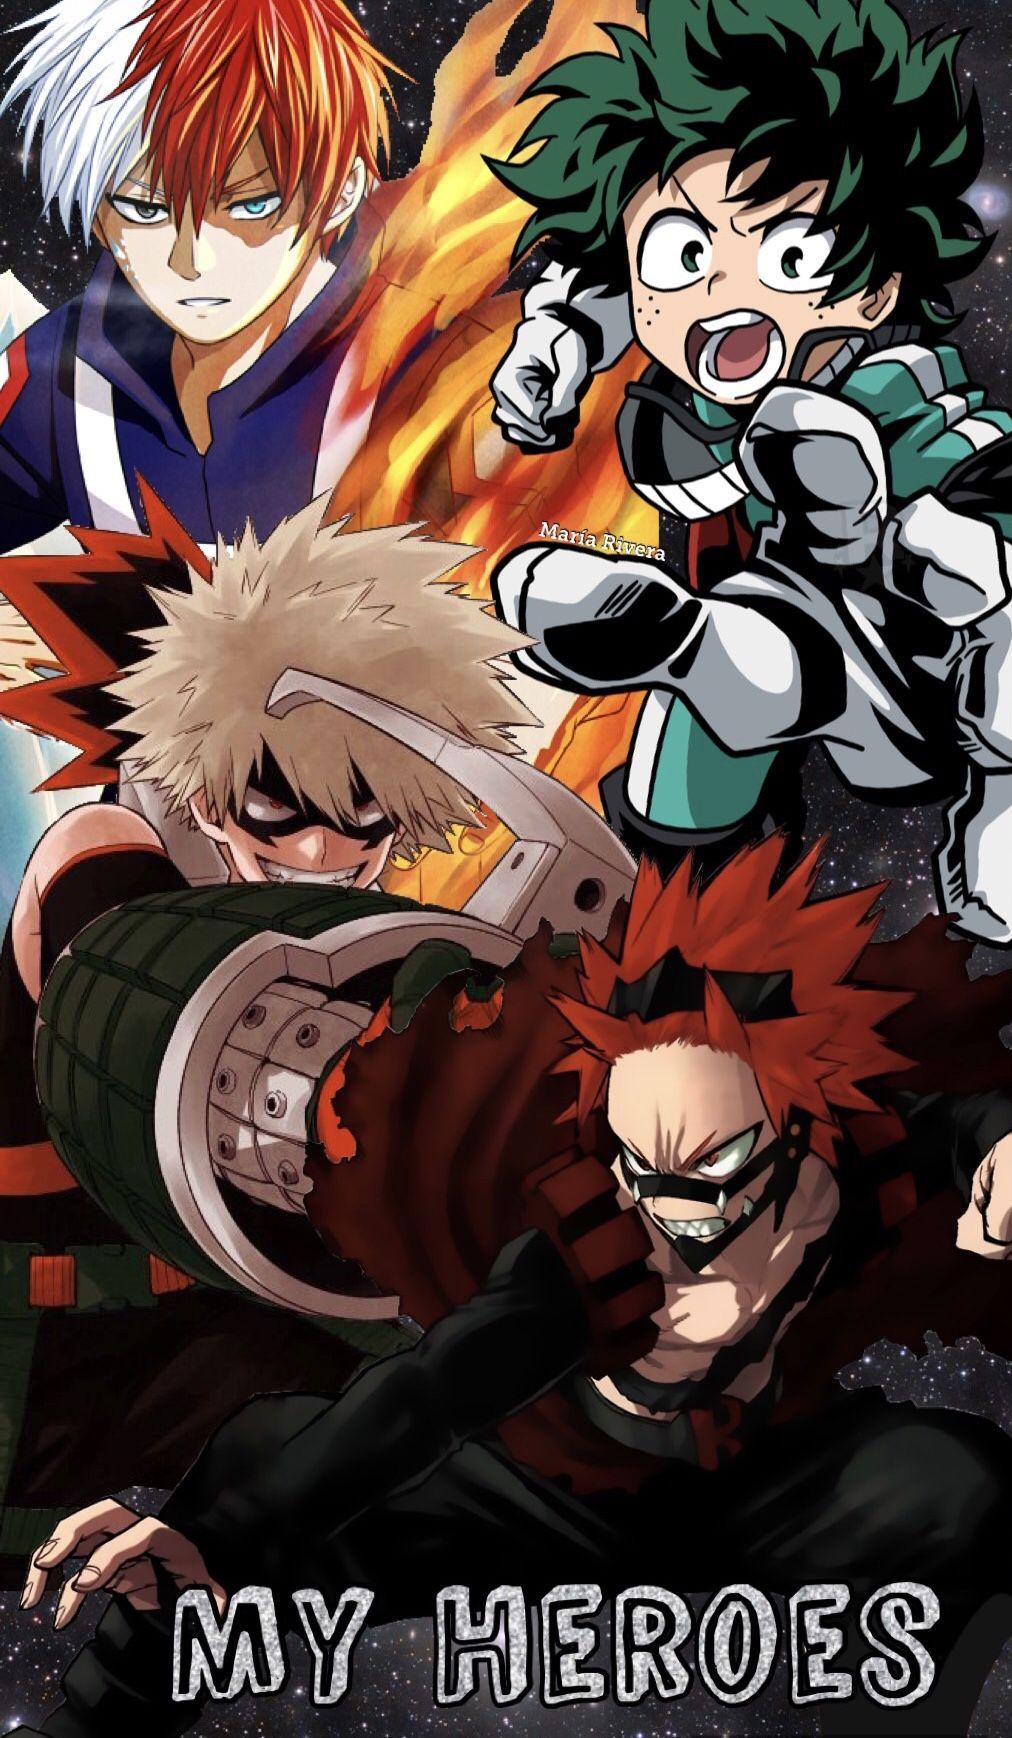 Bakugou Katsuki Midoriya Izuku Todoroki Shouto Kirishima Eijirou Boku No Hero Academia Hero Boku No Hero Academia Hero Wallpaper